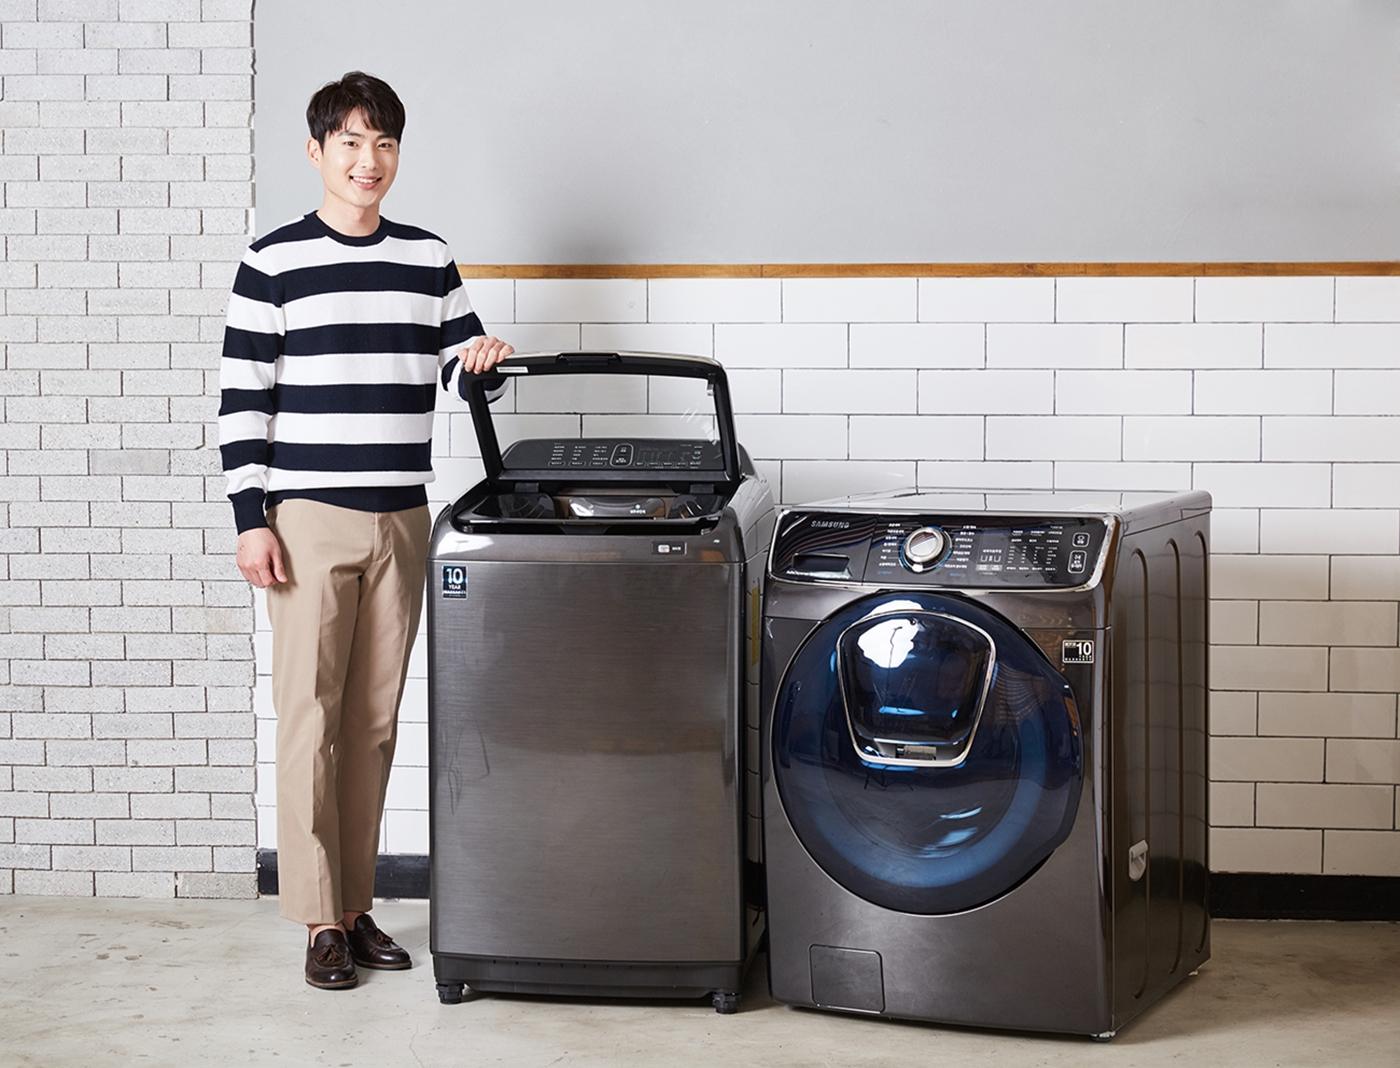 삼성전자 모델이 애벌빨래가 가능한 전자동 세탁기 액티브워시(좌)와 세제자동투입 기능이 한층 업그레이드된 드럼 세탁기 애드워시(우)를 소개하고 있다.